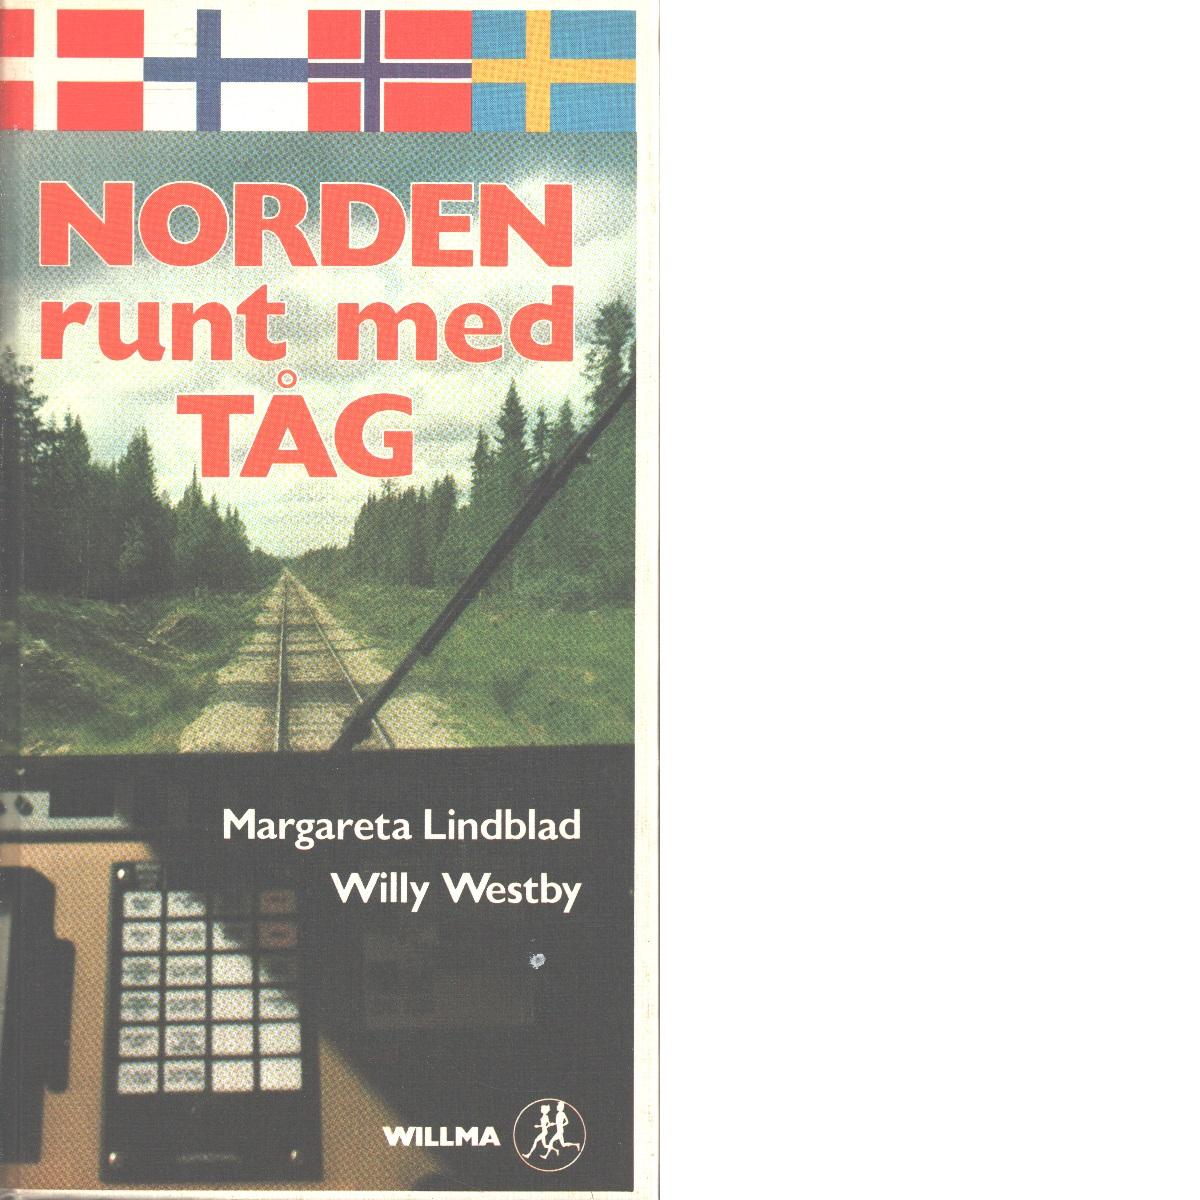 Norden runt med tåg - Lindblad, Margareta och Westby, Willy